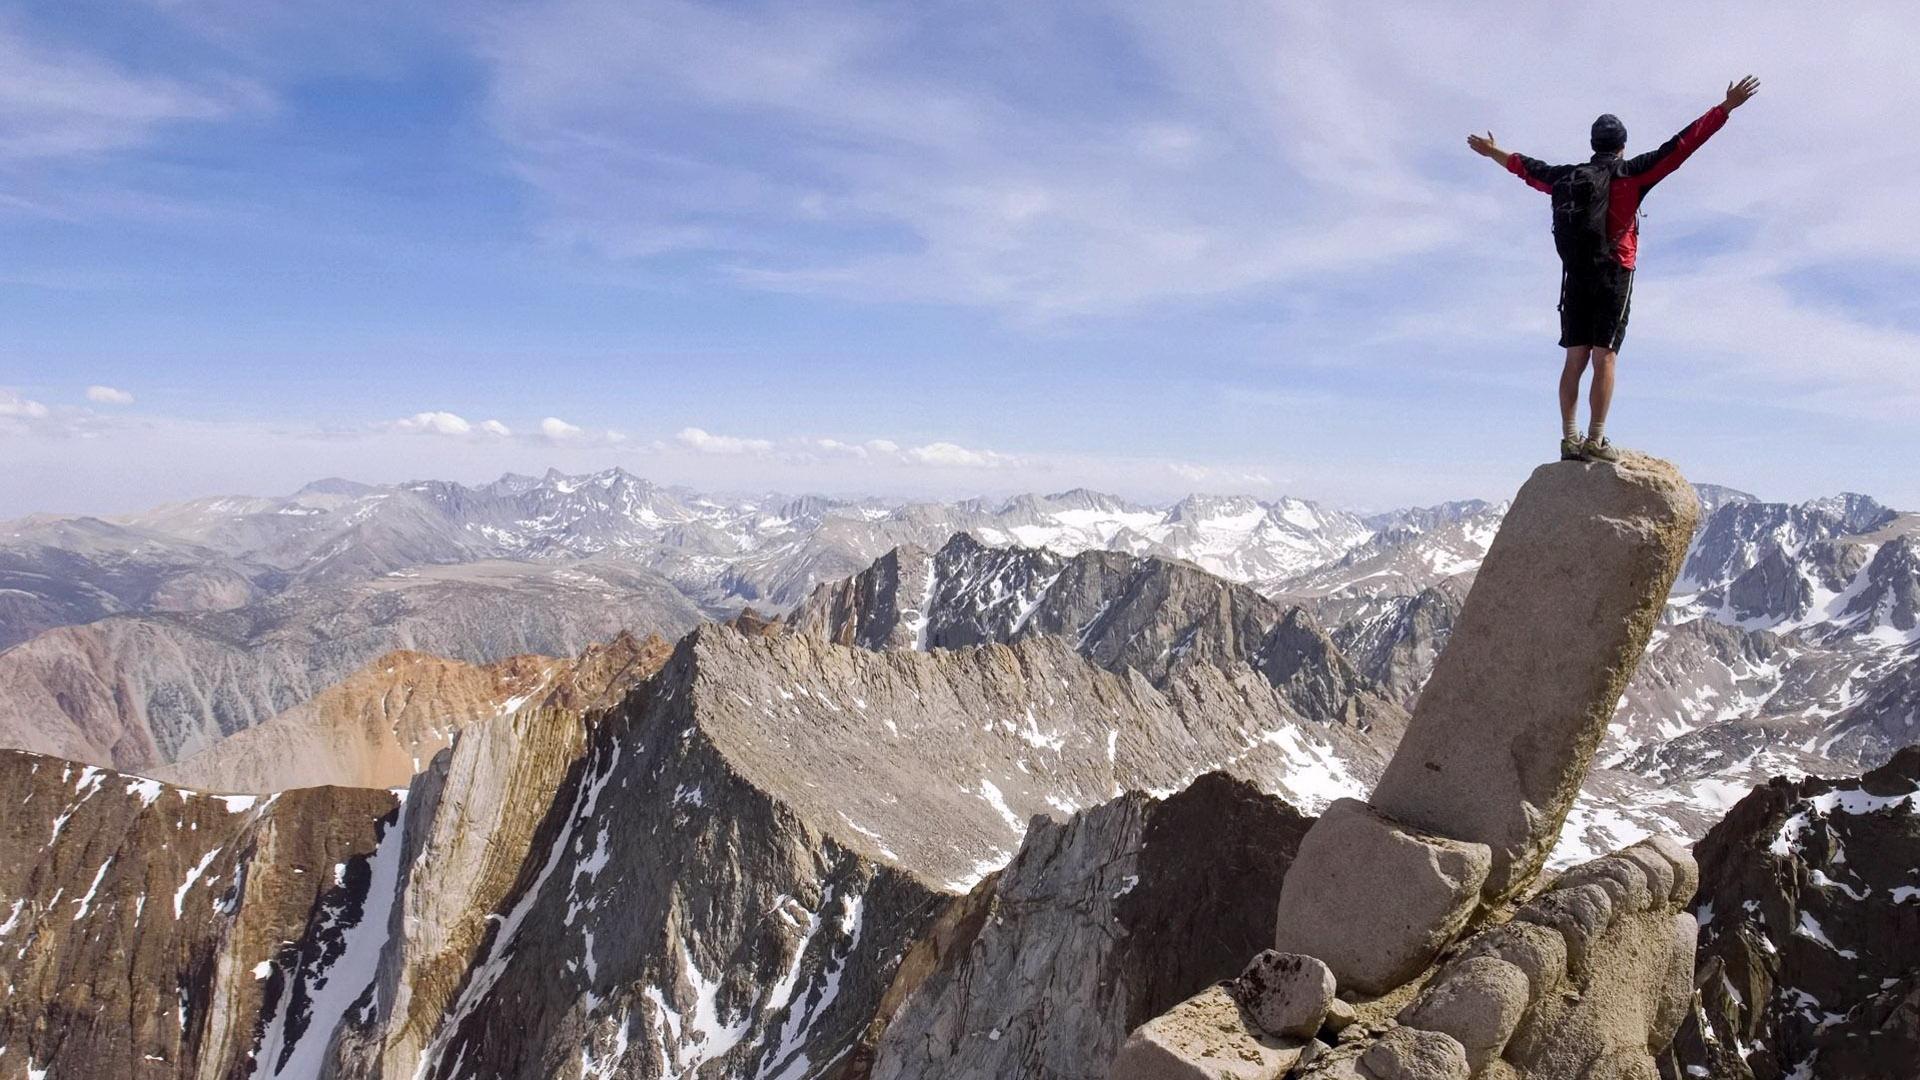 https://jooinn.com/images/mountain-top-9.jpg